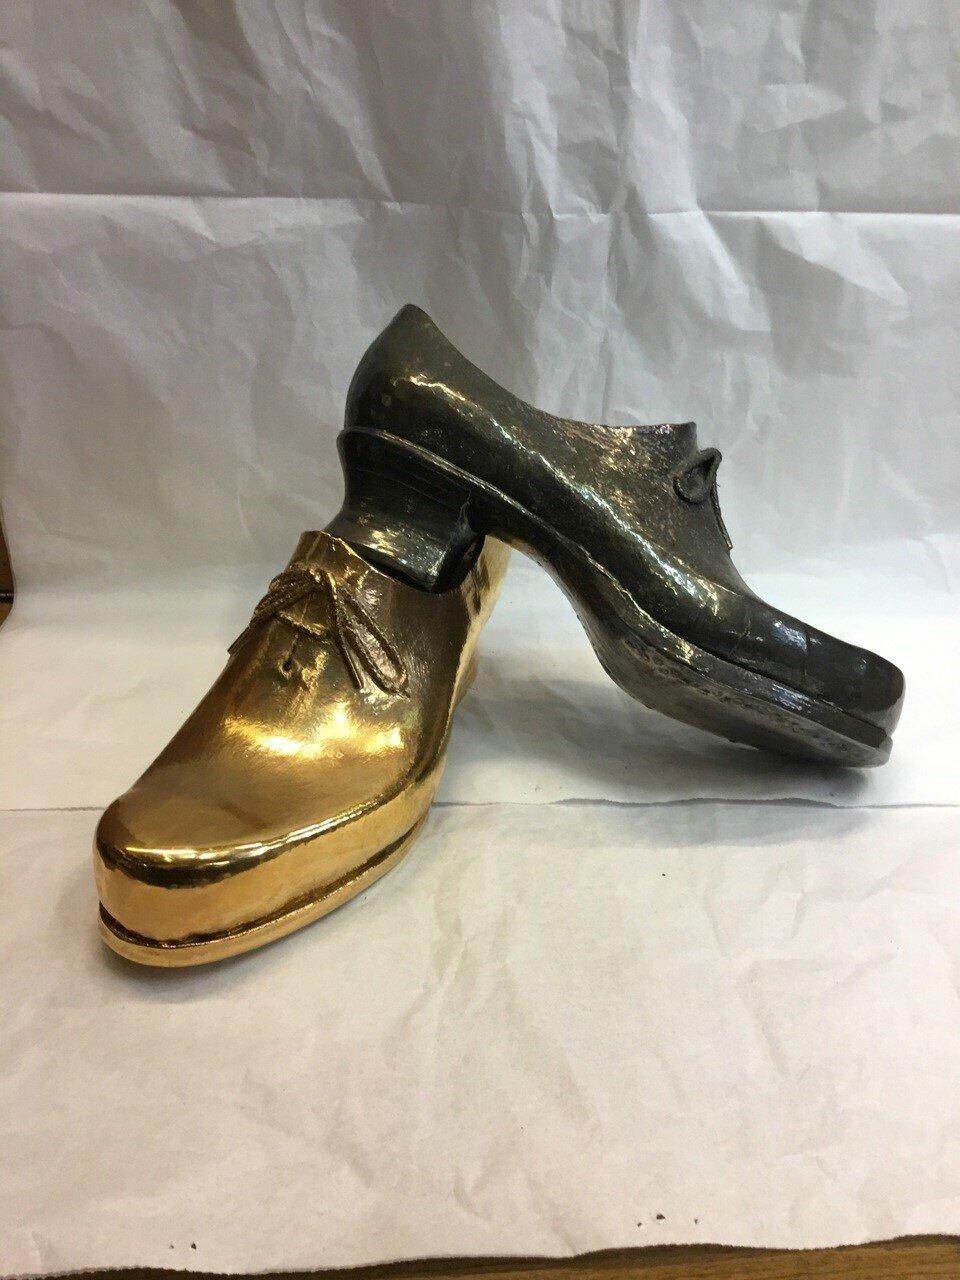 Schuhe aus Gold und Silber